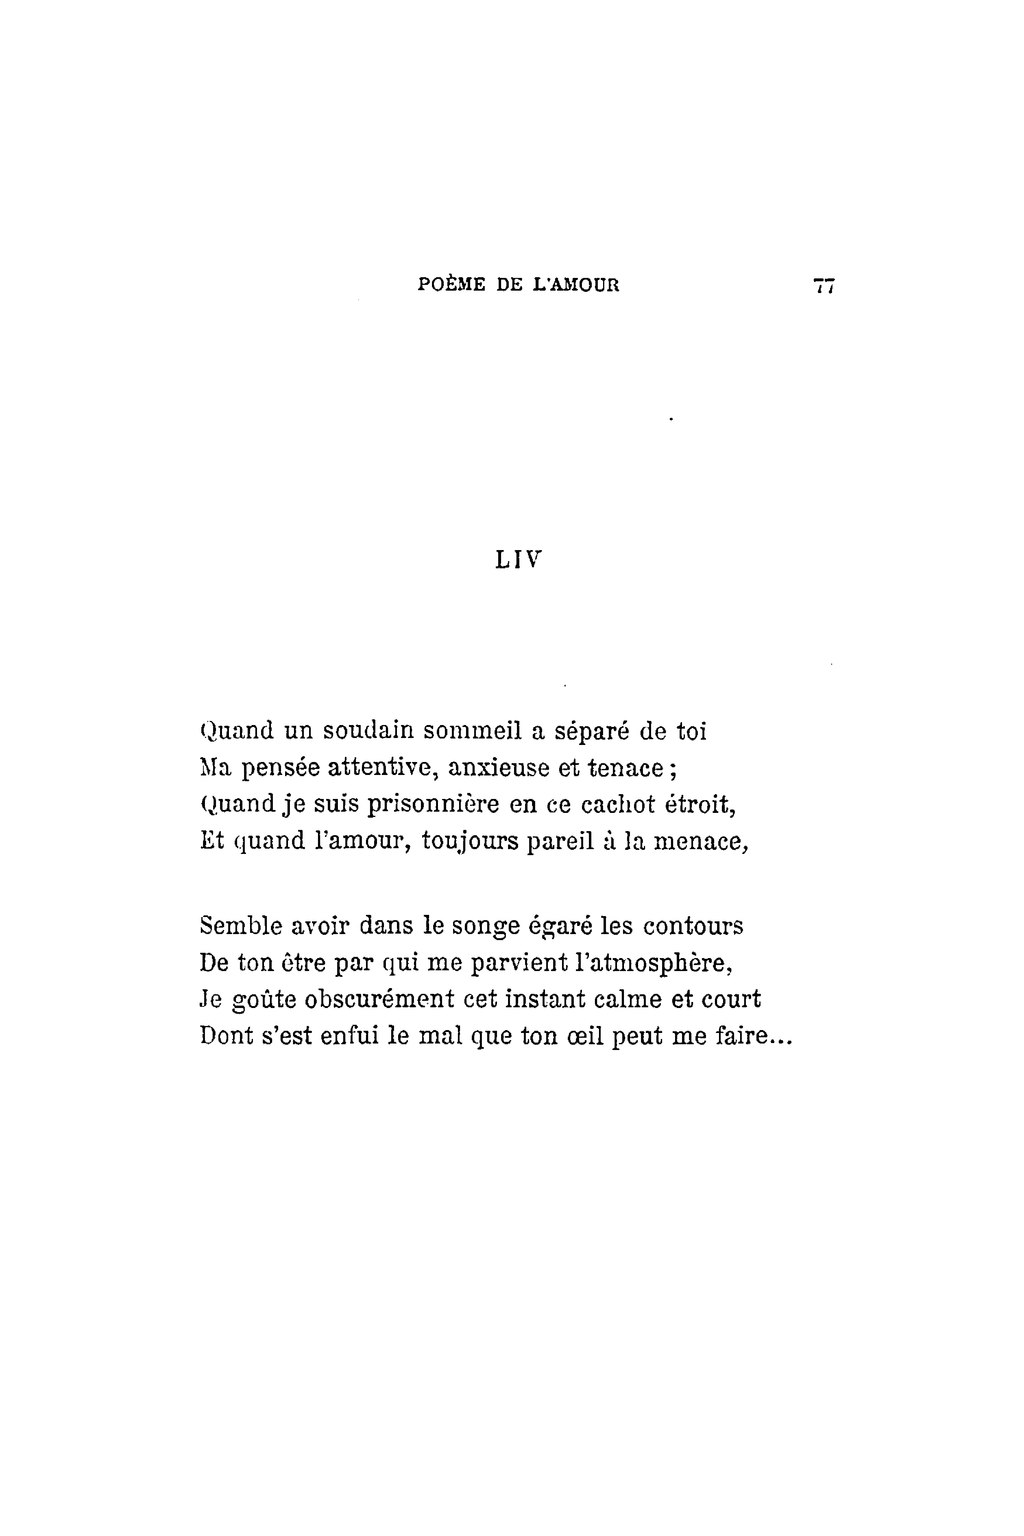 Pagenoailles Poème De Lamour 1924djvu75 Wikisource